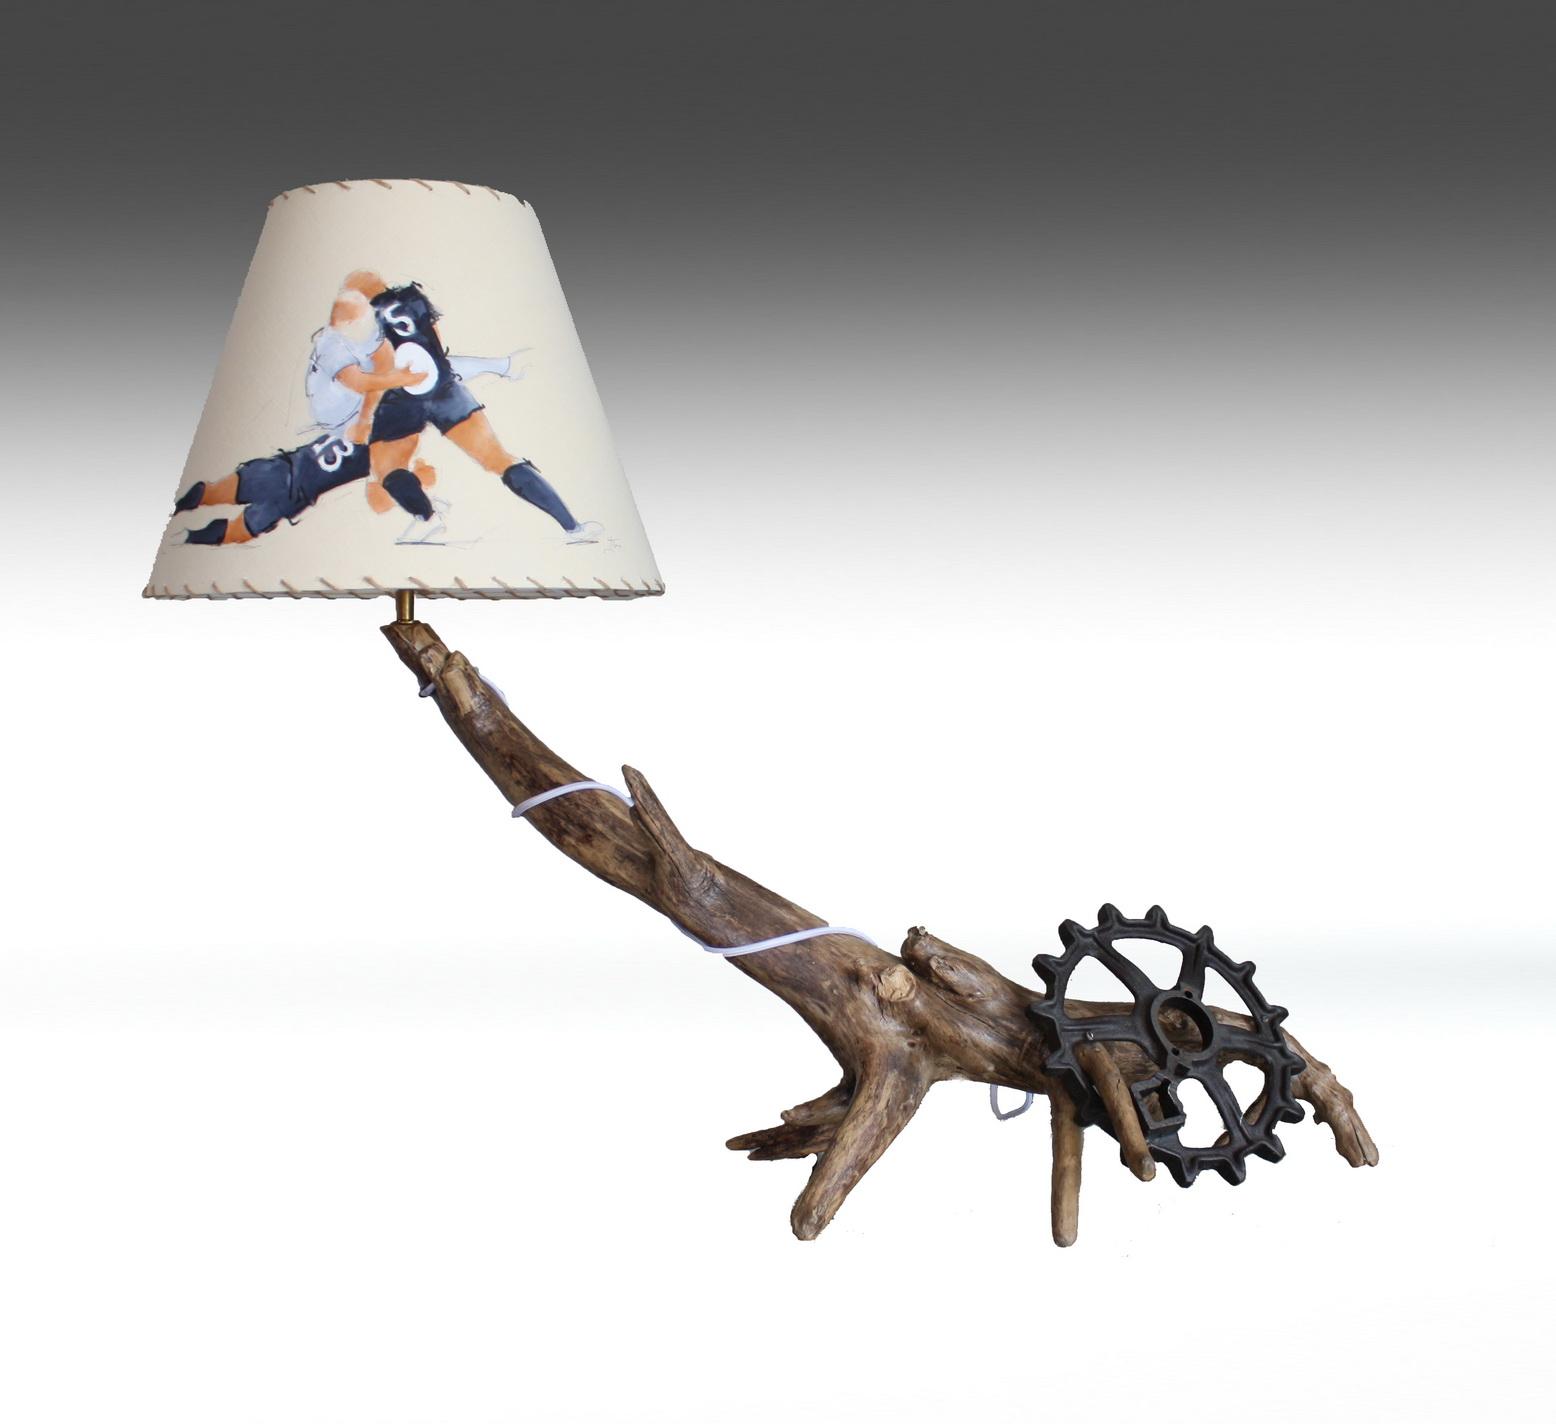 Artisanat d'art SPORT Rugby : Lampe en bois flotté avec un abat-jour sur le rugby et les All Blacks